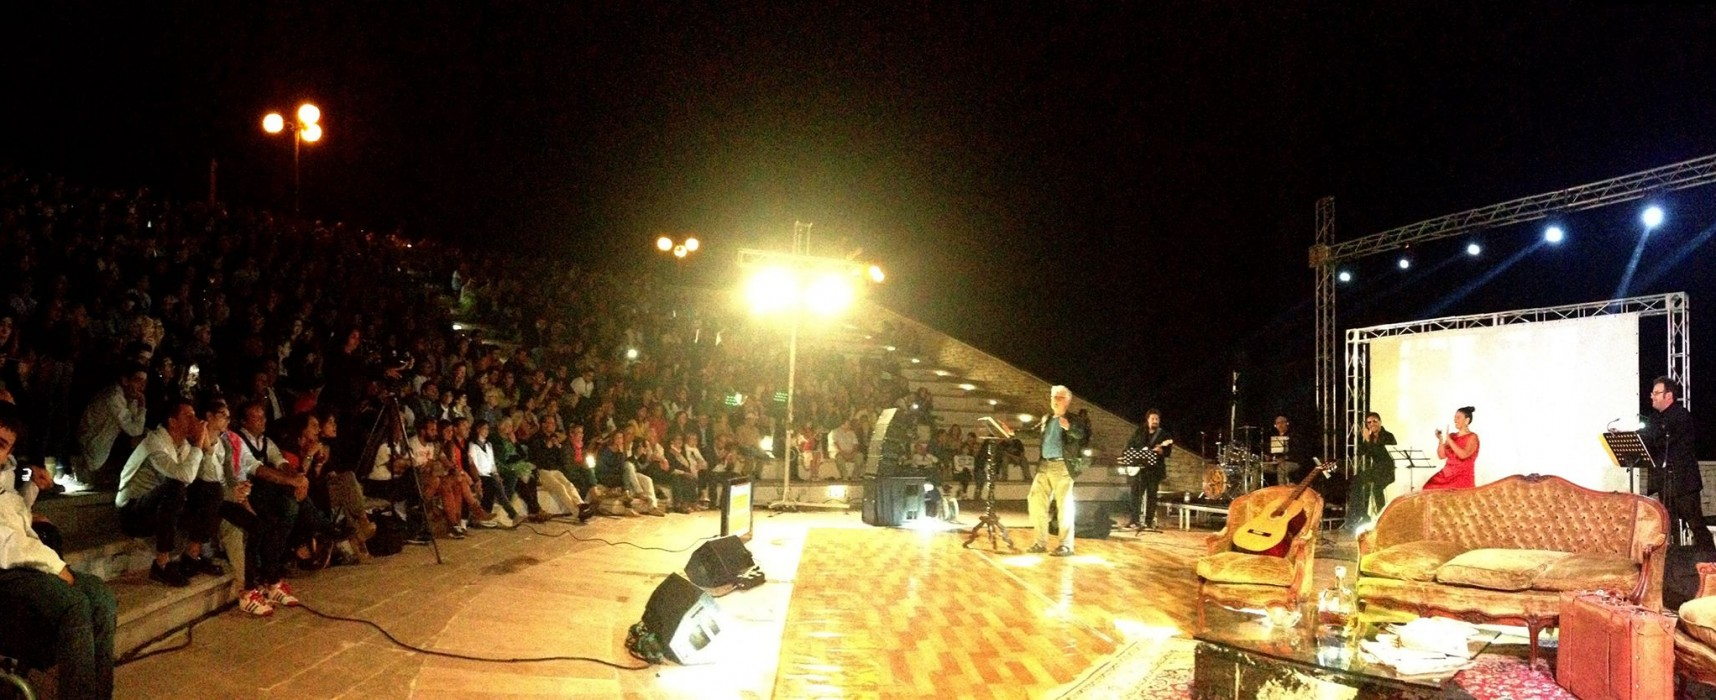 """""""Non escludo il ritorno"""": Teatro Mediterraneo stracolmo per Placido, incasso in beneficenza / VIDEO"""